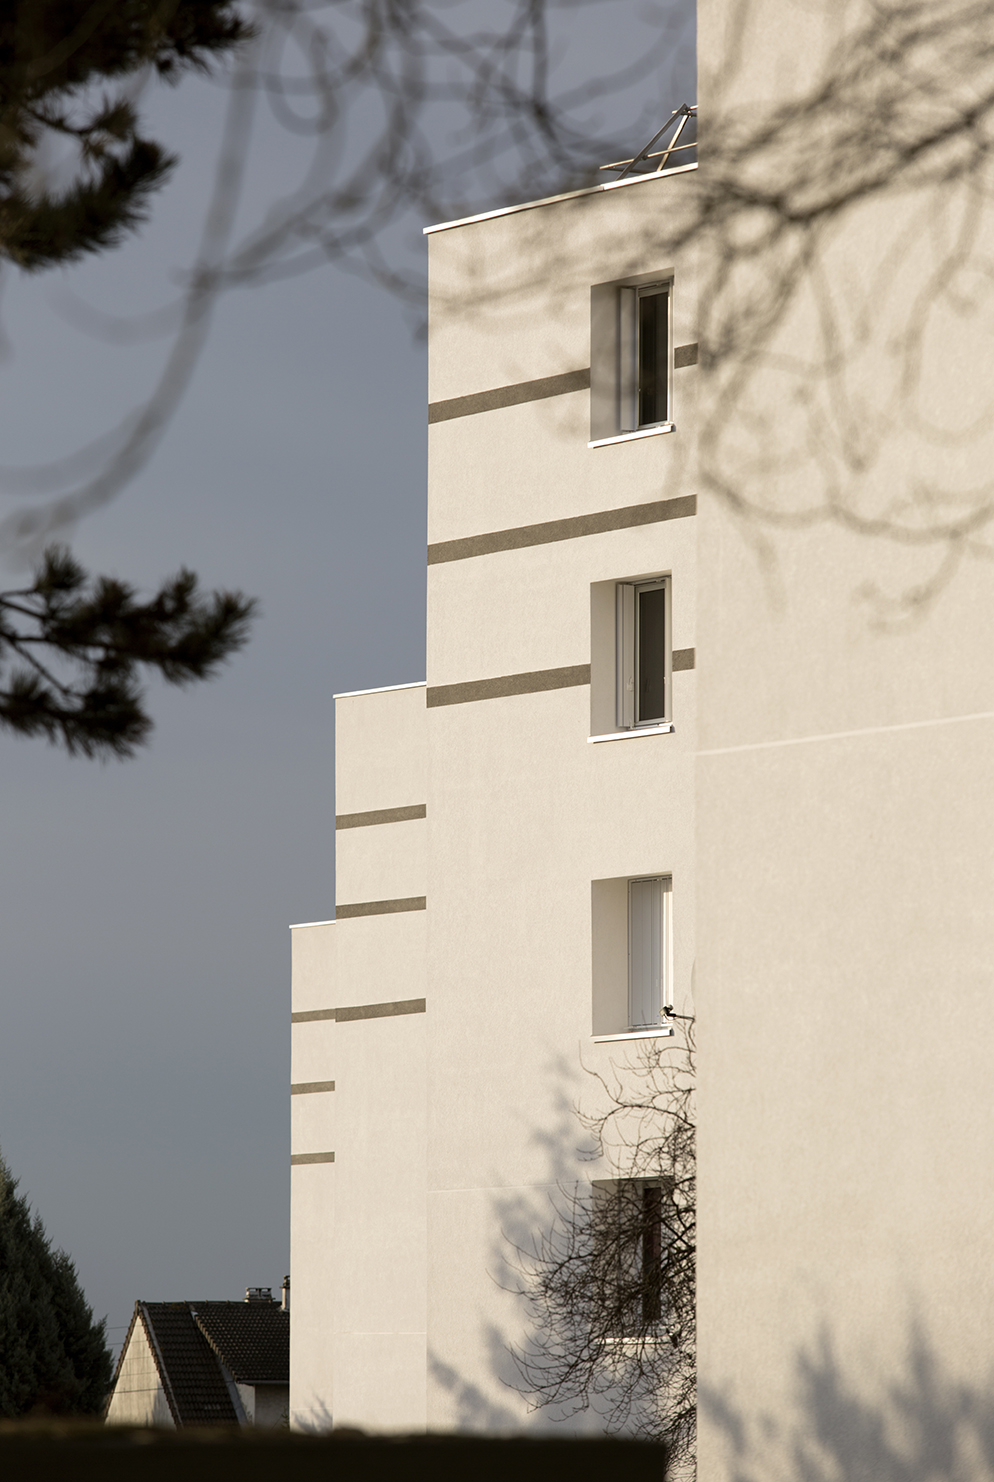 Sainte-Genevieve-09